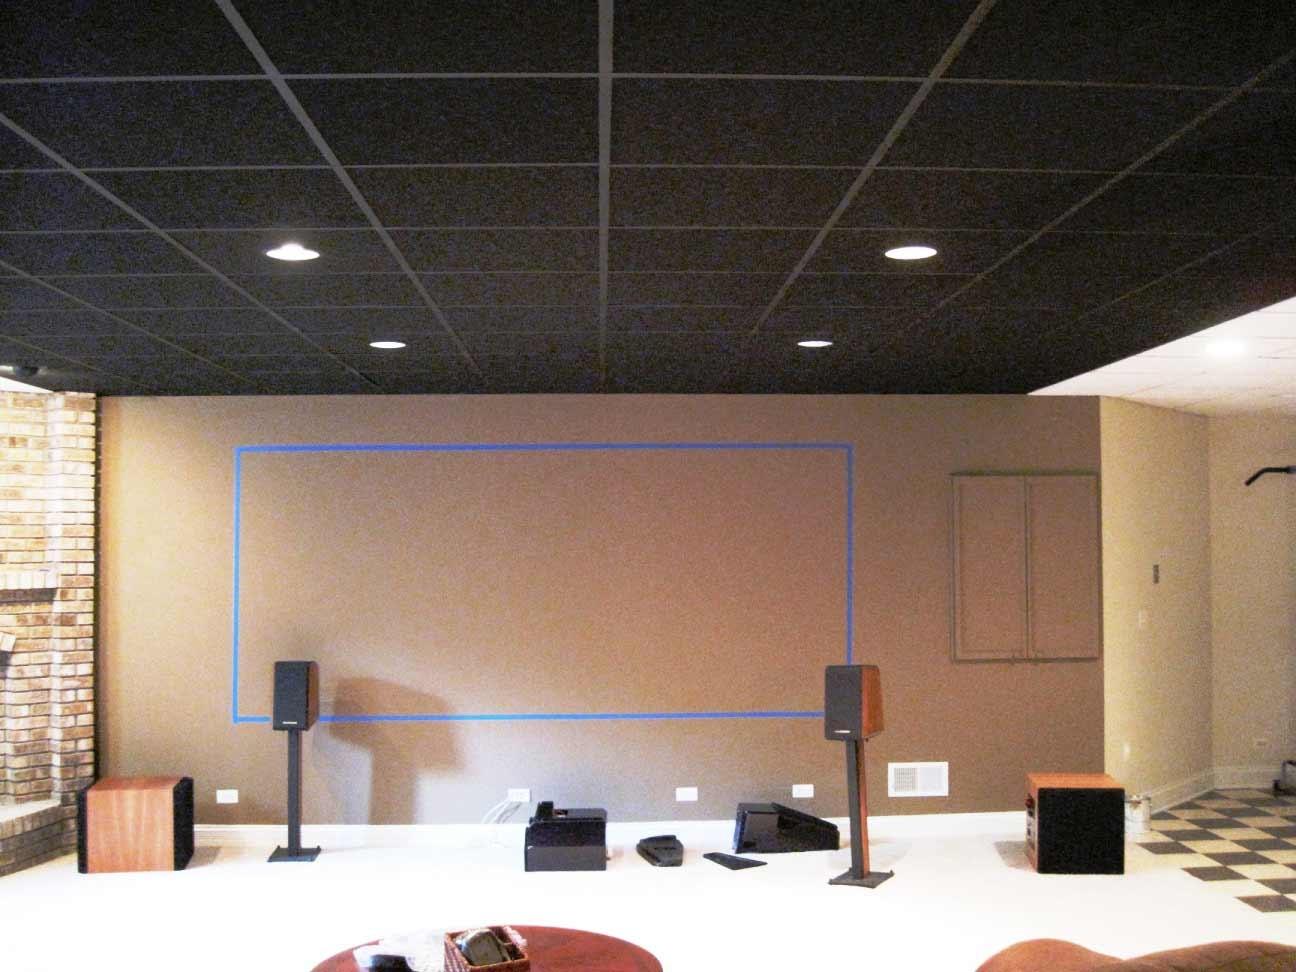 Lowe'S Ceiling Tiles 24×24